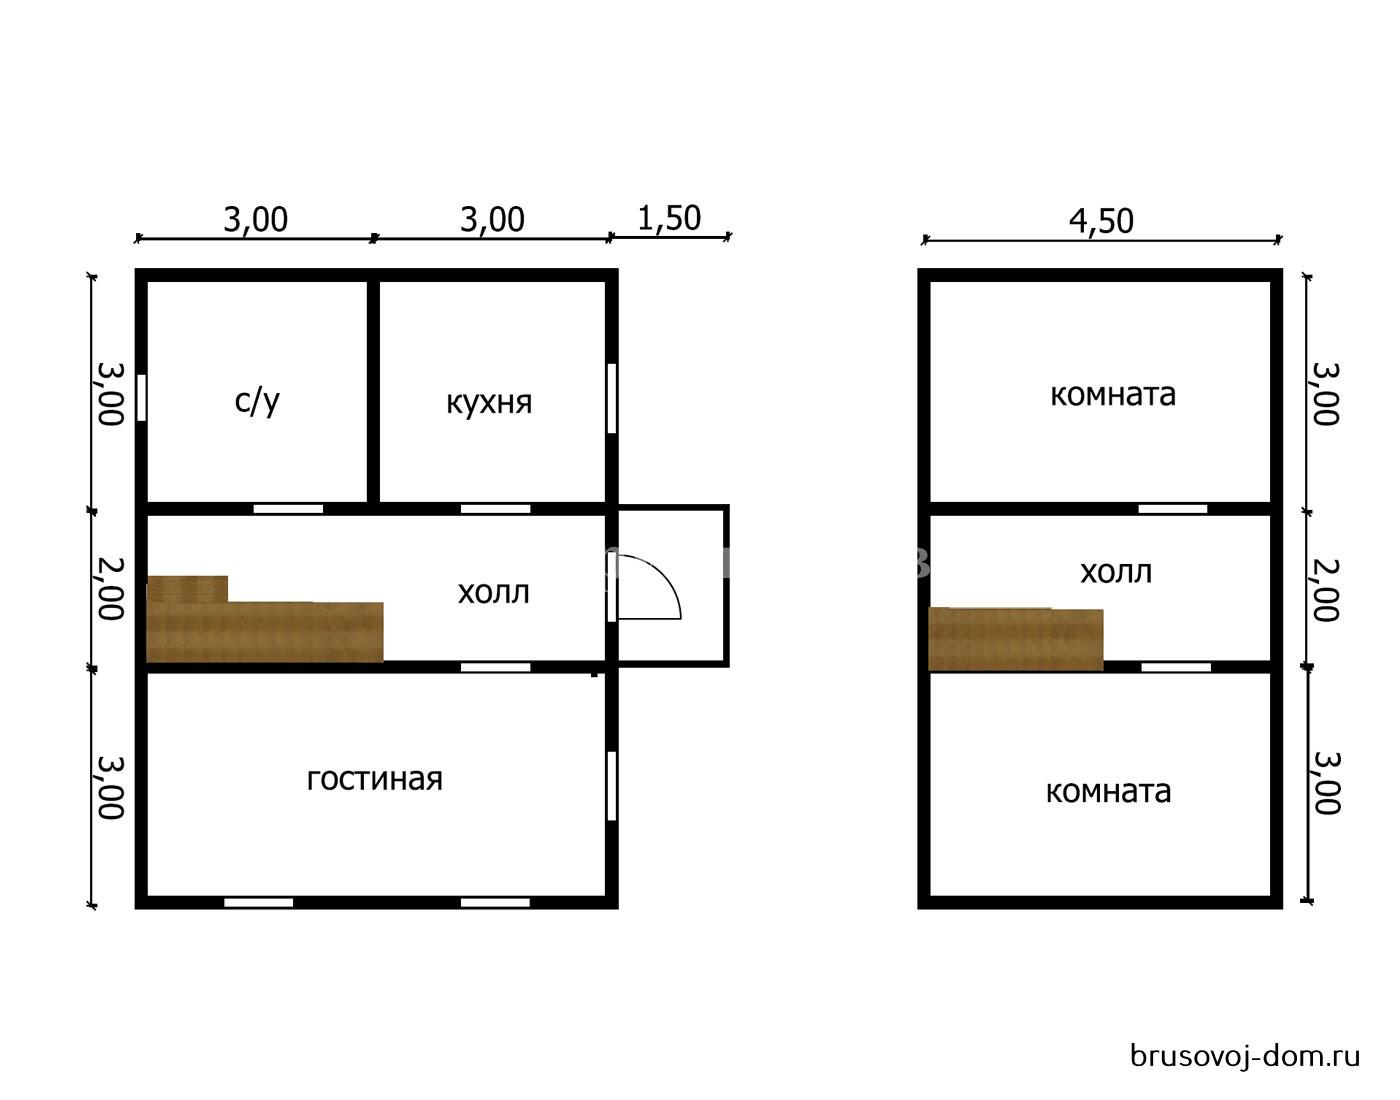 Дом из бруса под усадку 6х8 м Высоцк